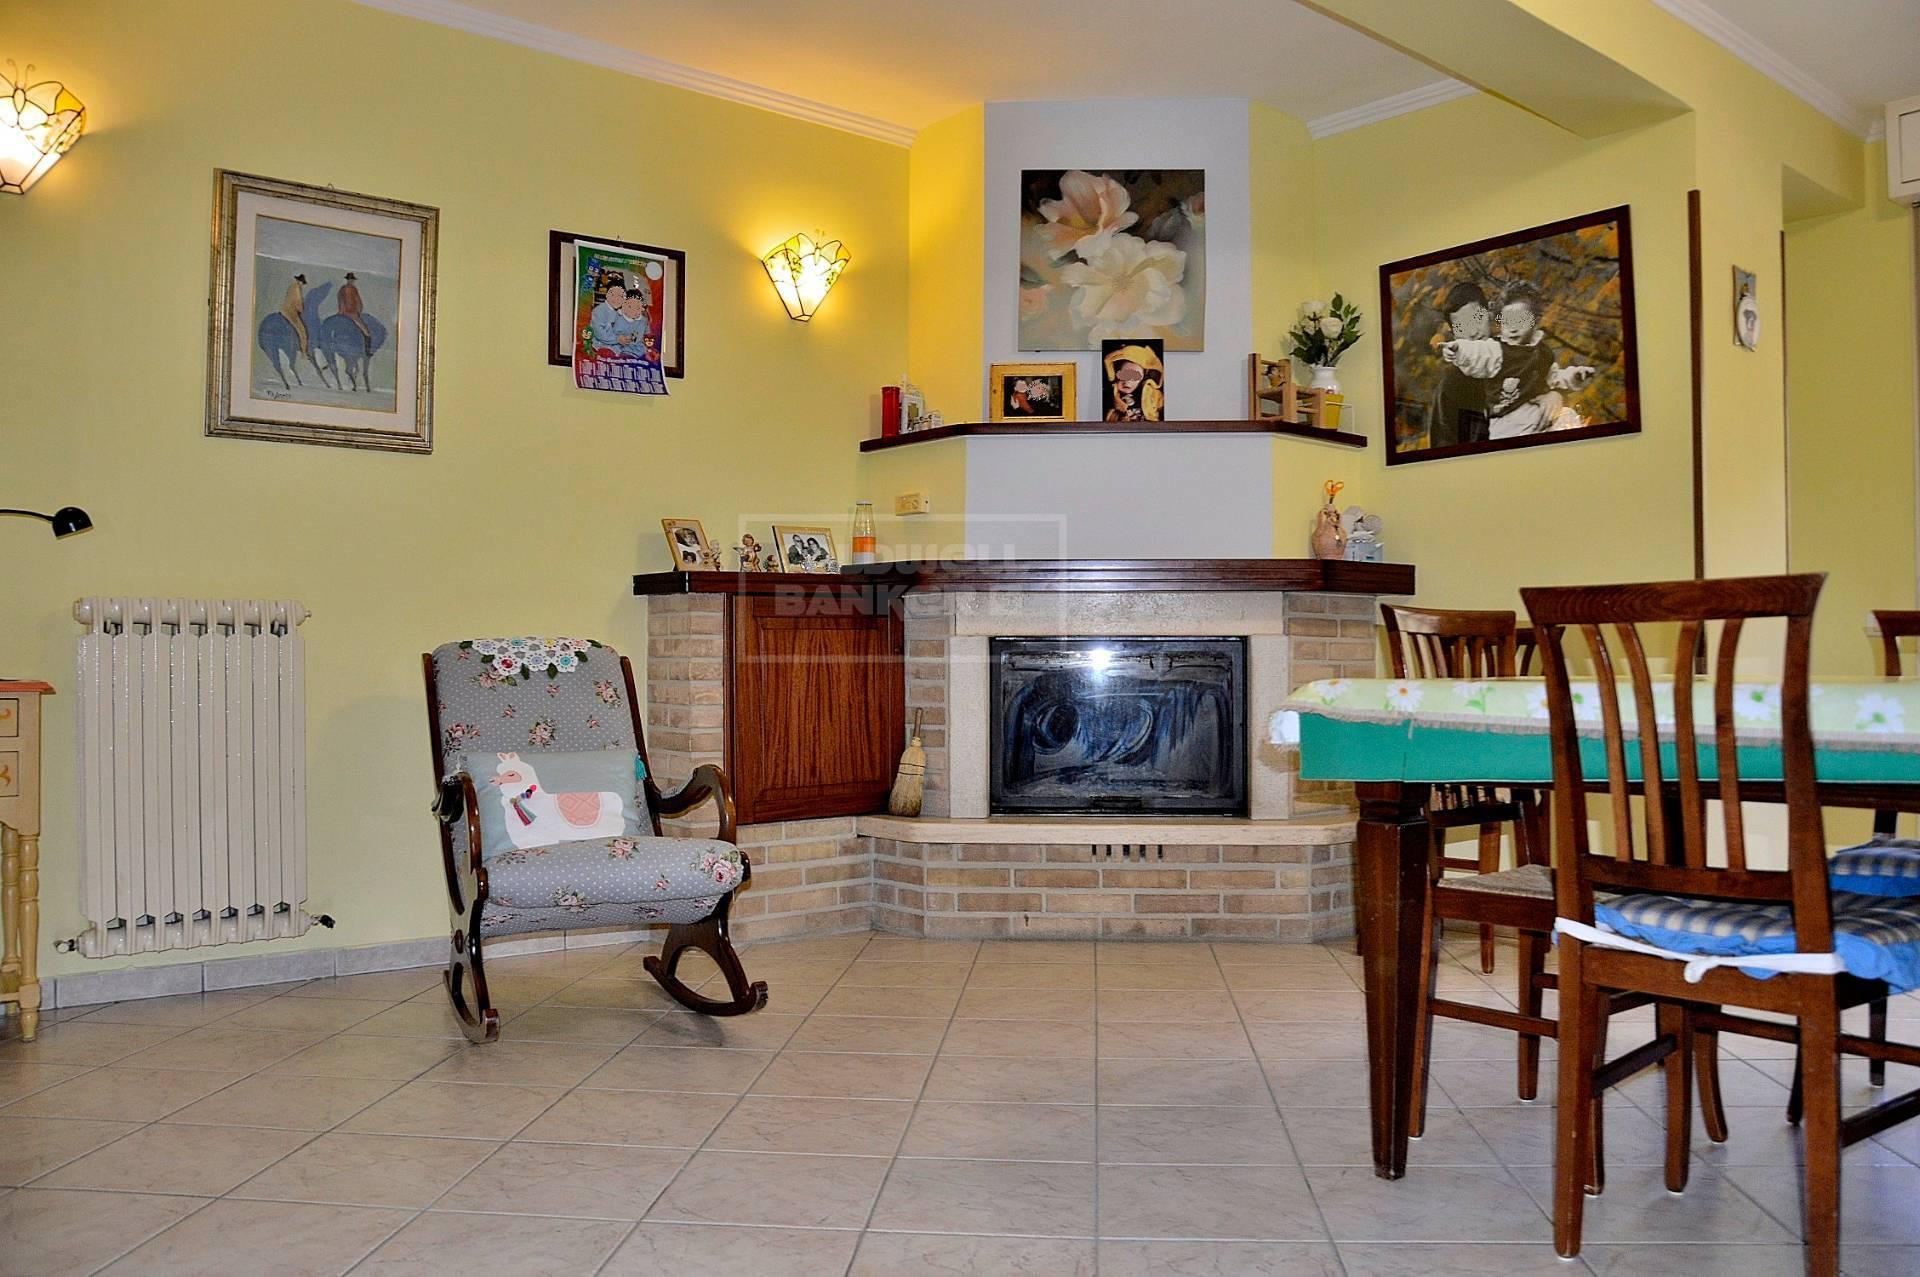 Appartamento in vendita a Cerreto di Spoleto, 4 locali, zona Località: BorgoCerreto, prezzo € 82.000 | PortaleAgenzieImmobiliari.it